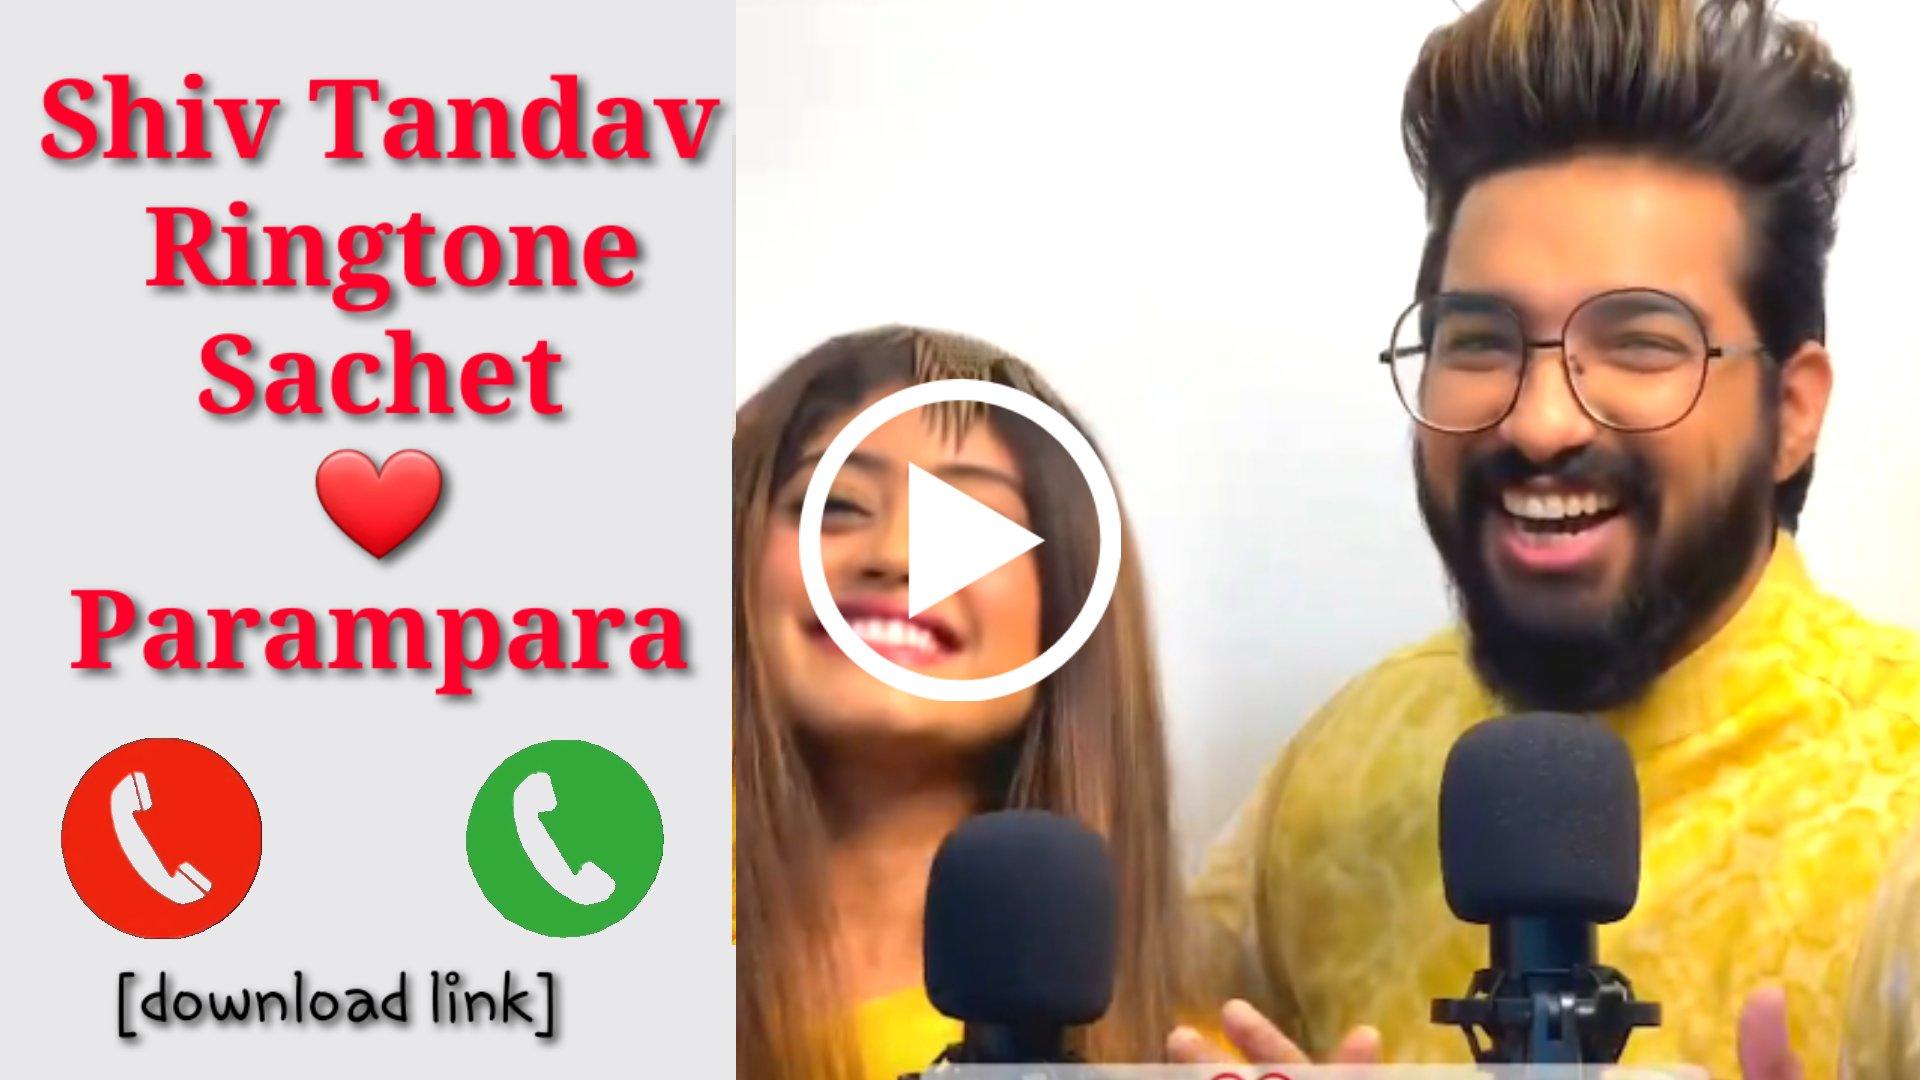 Shiv Tandav Stotram ringtone